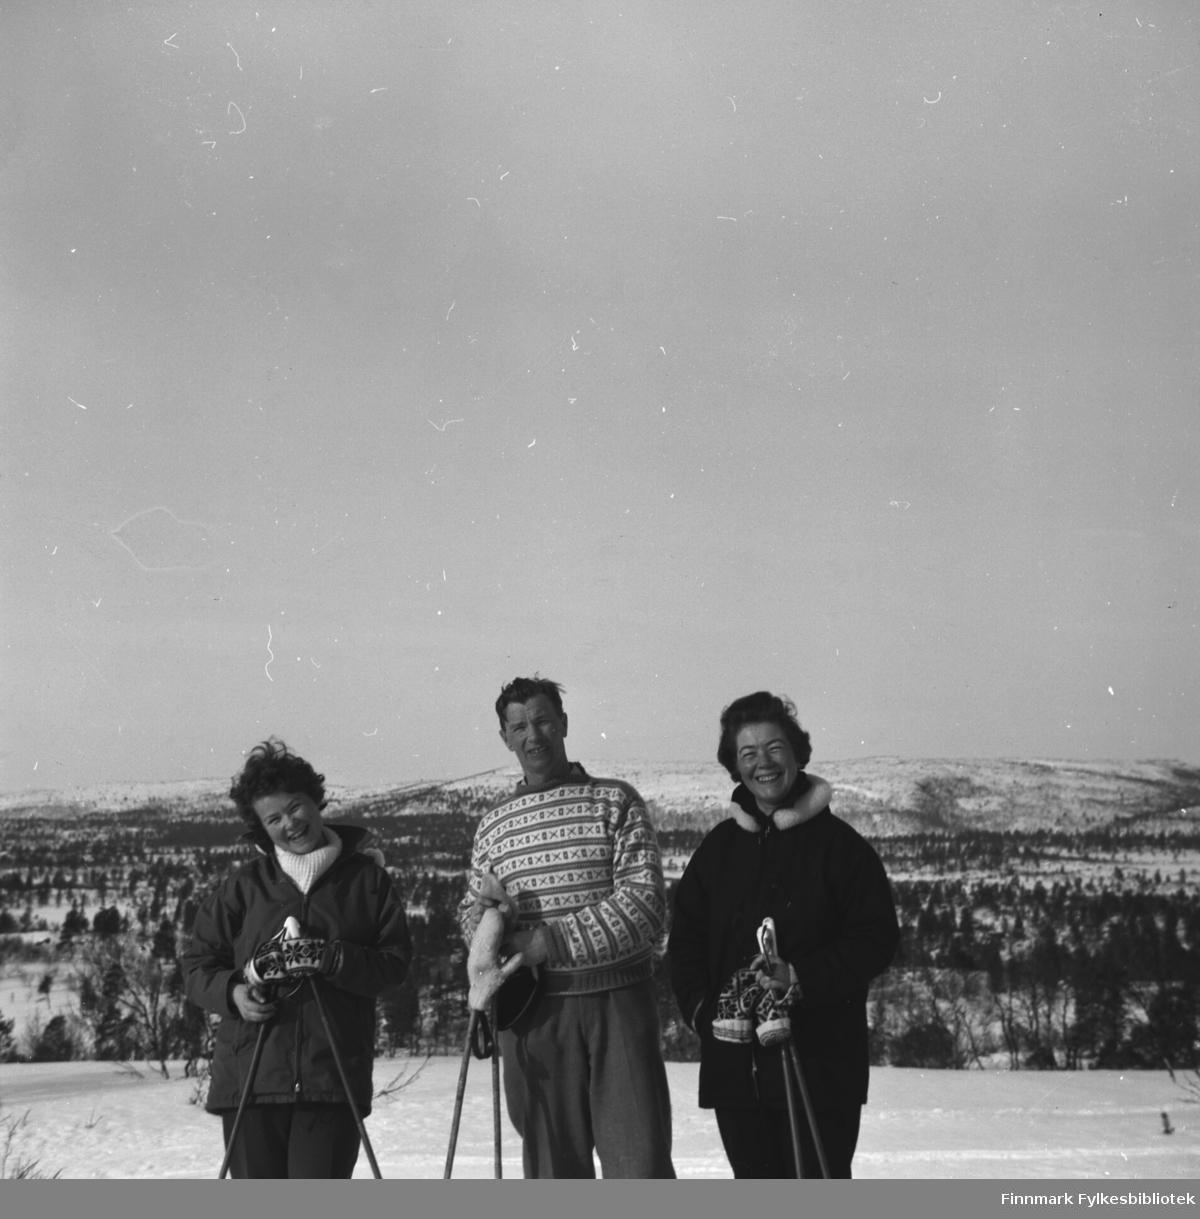 Familien på skitur. De er fra venstre: Turid Karikoski, Eino Drannem og Jenny Drannem. Stedet kan være Luolajärvi.